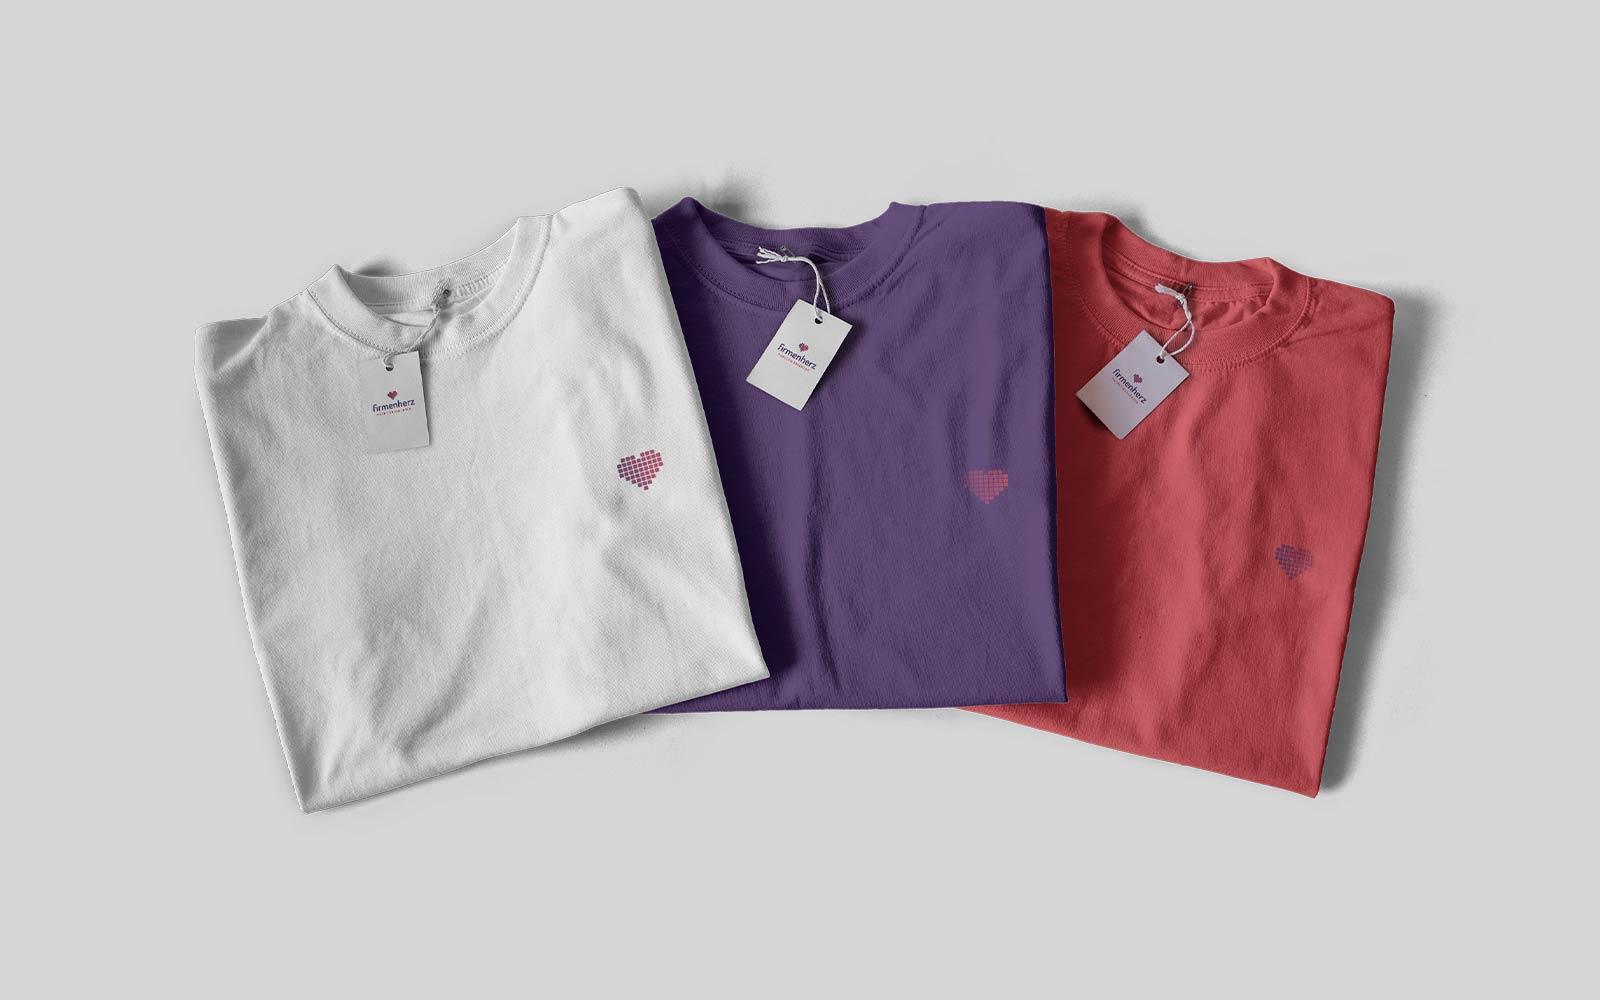 Firmenherz – Shirts